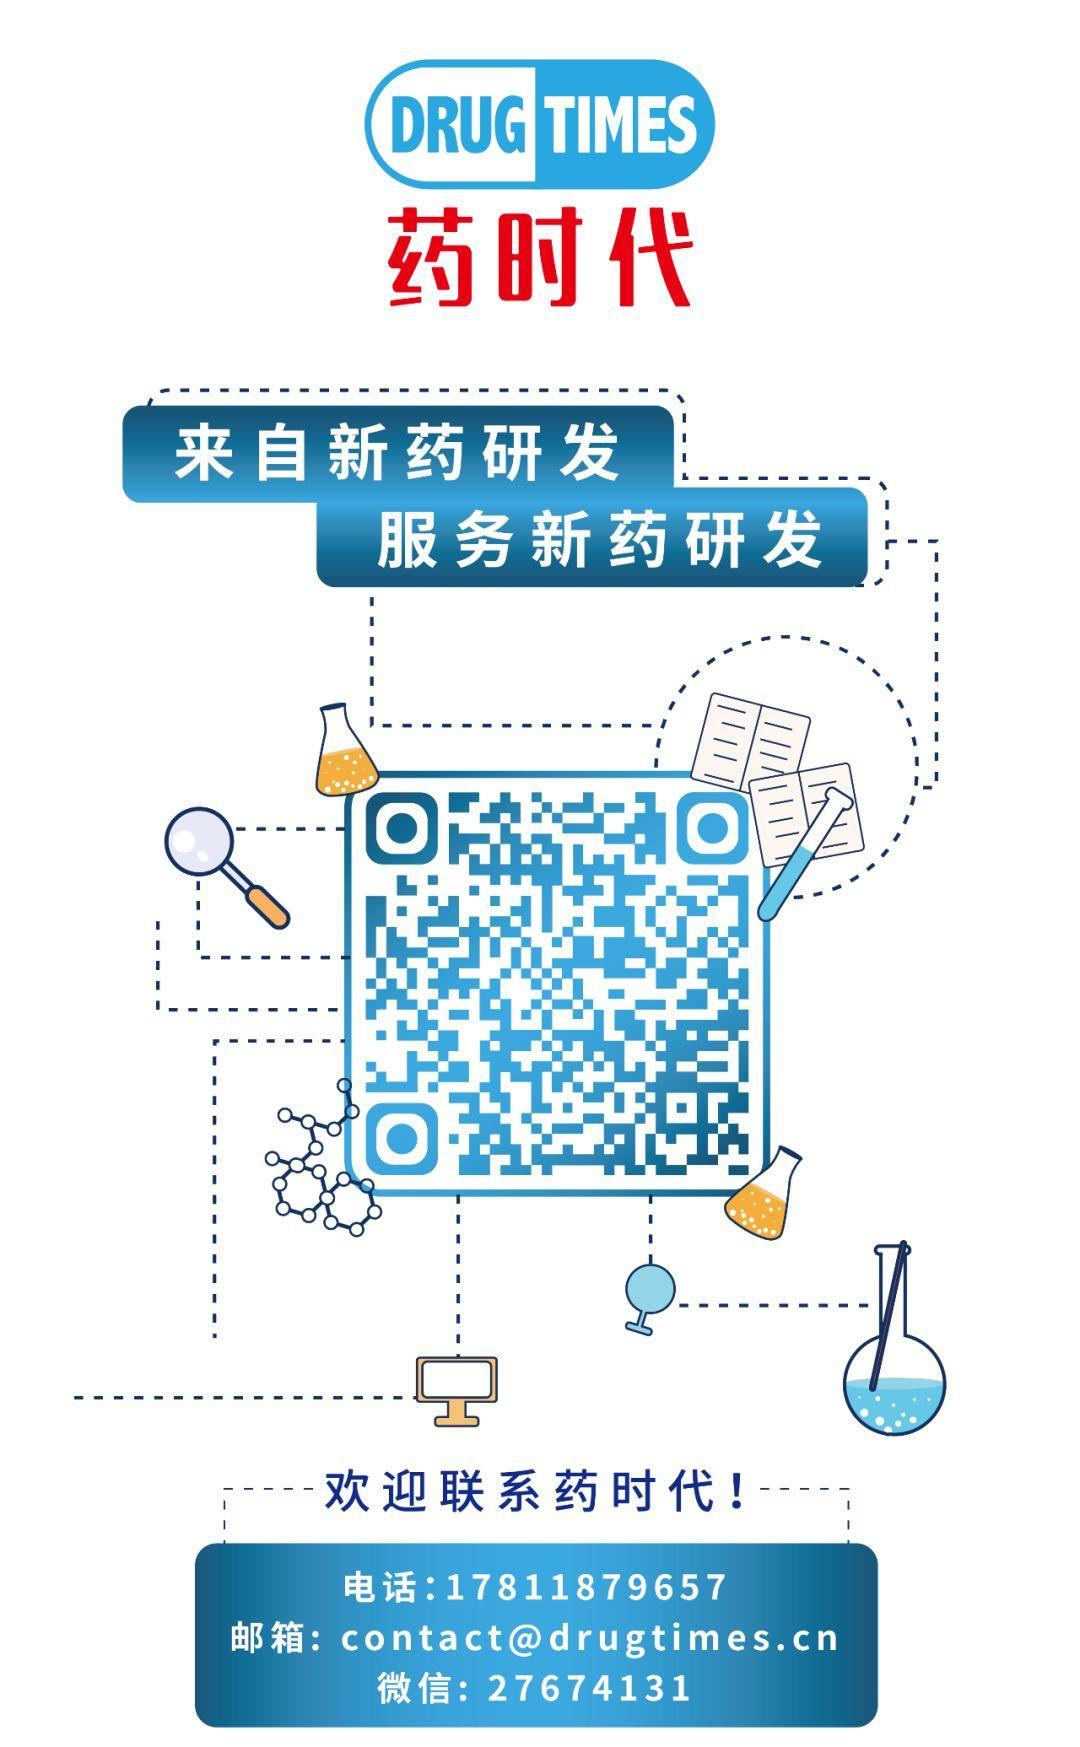 Fiona Yu专栏 | 沉寂多年的至尊辉瑞,还有并购以外的法宝吗?